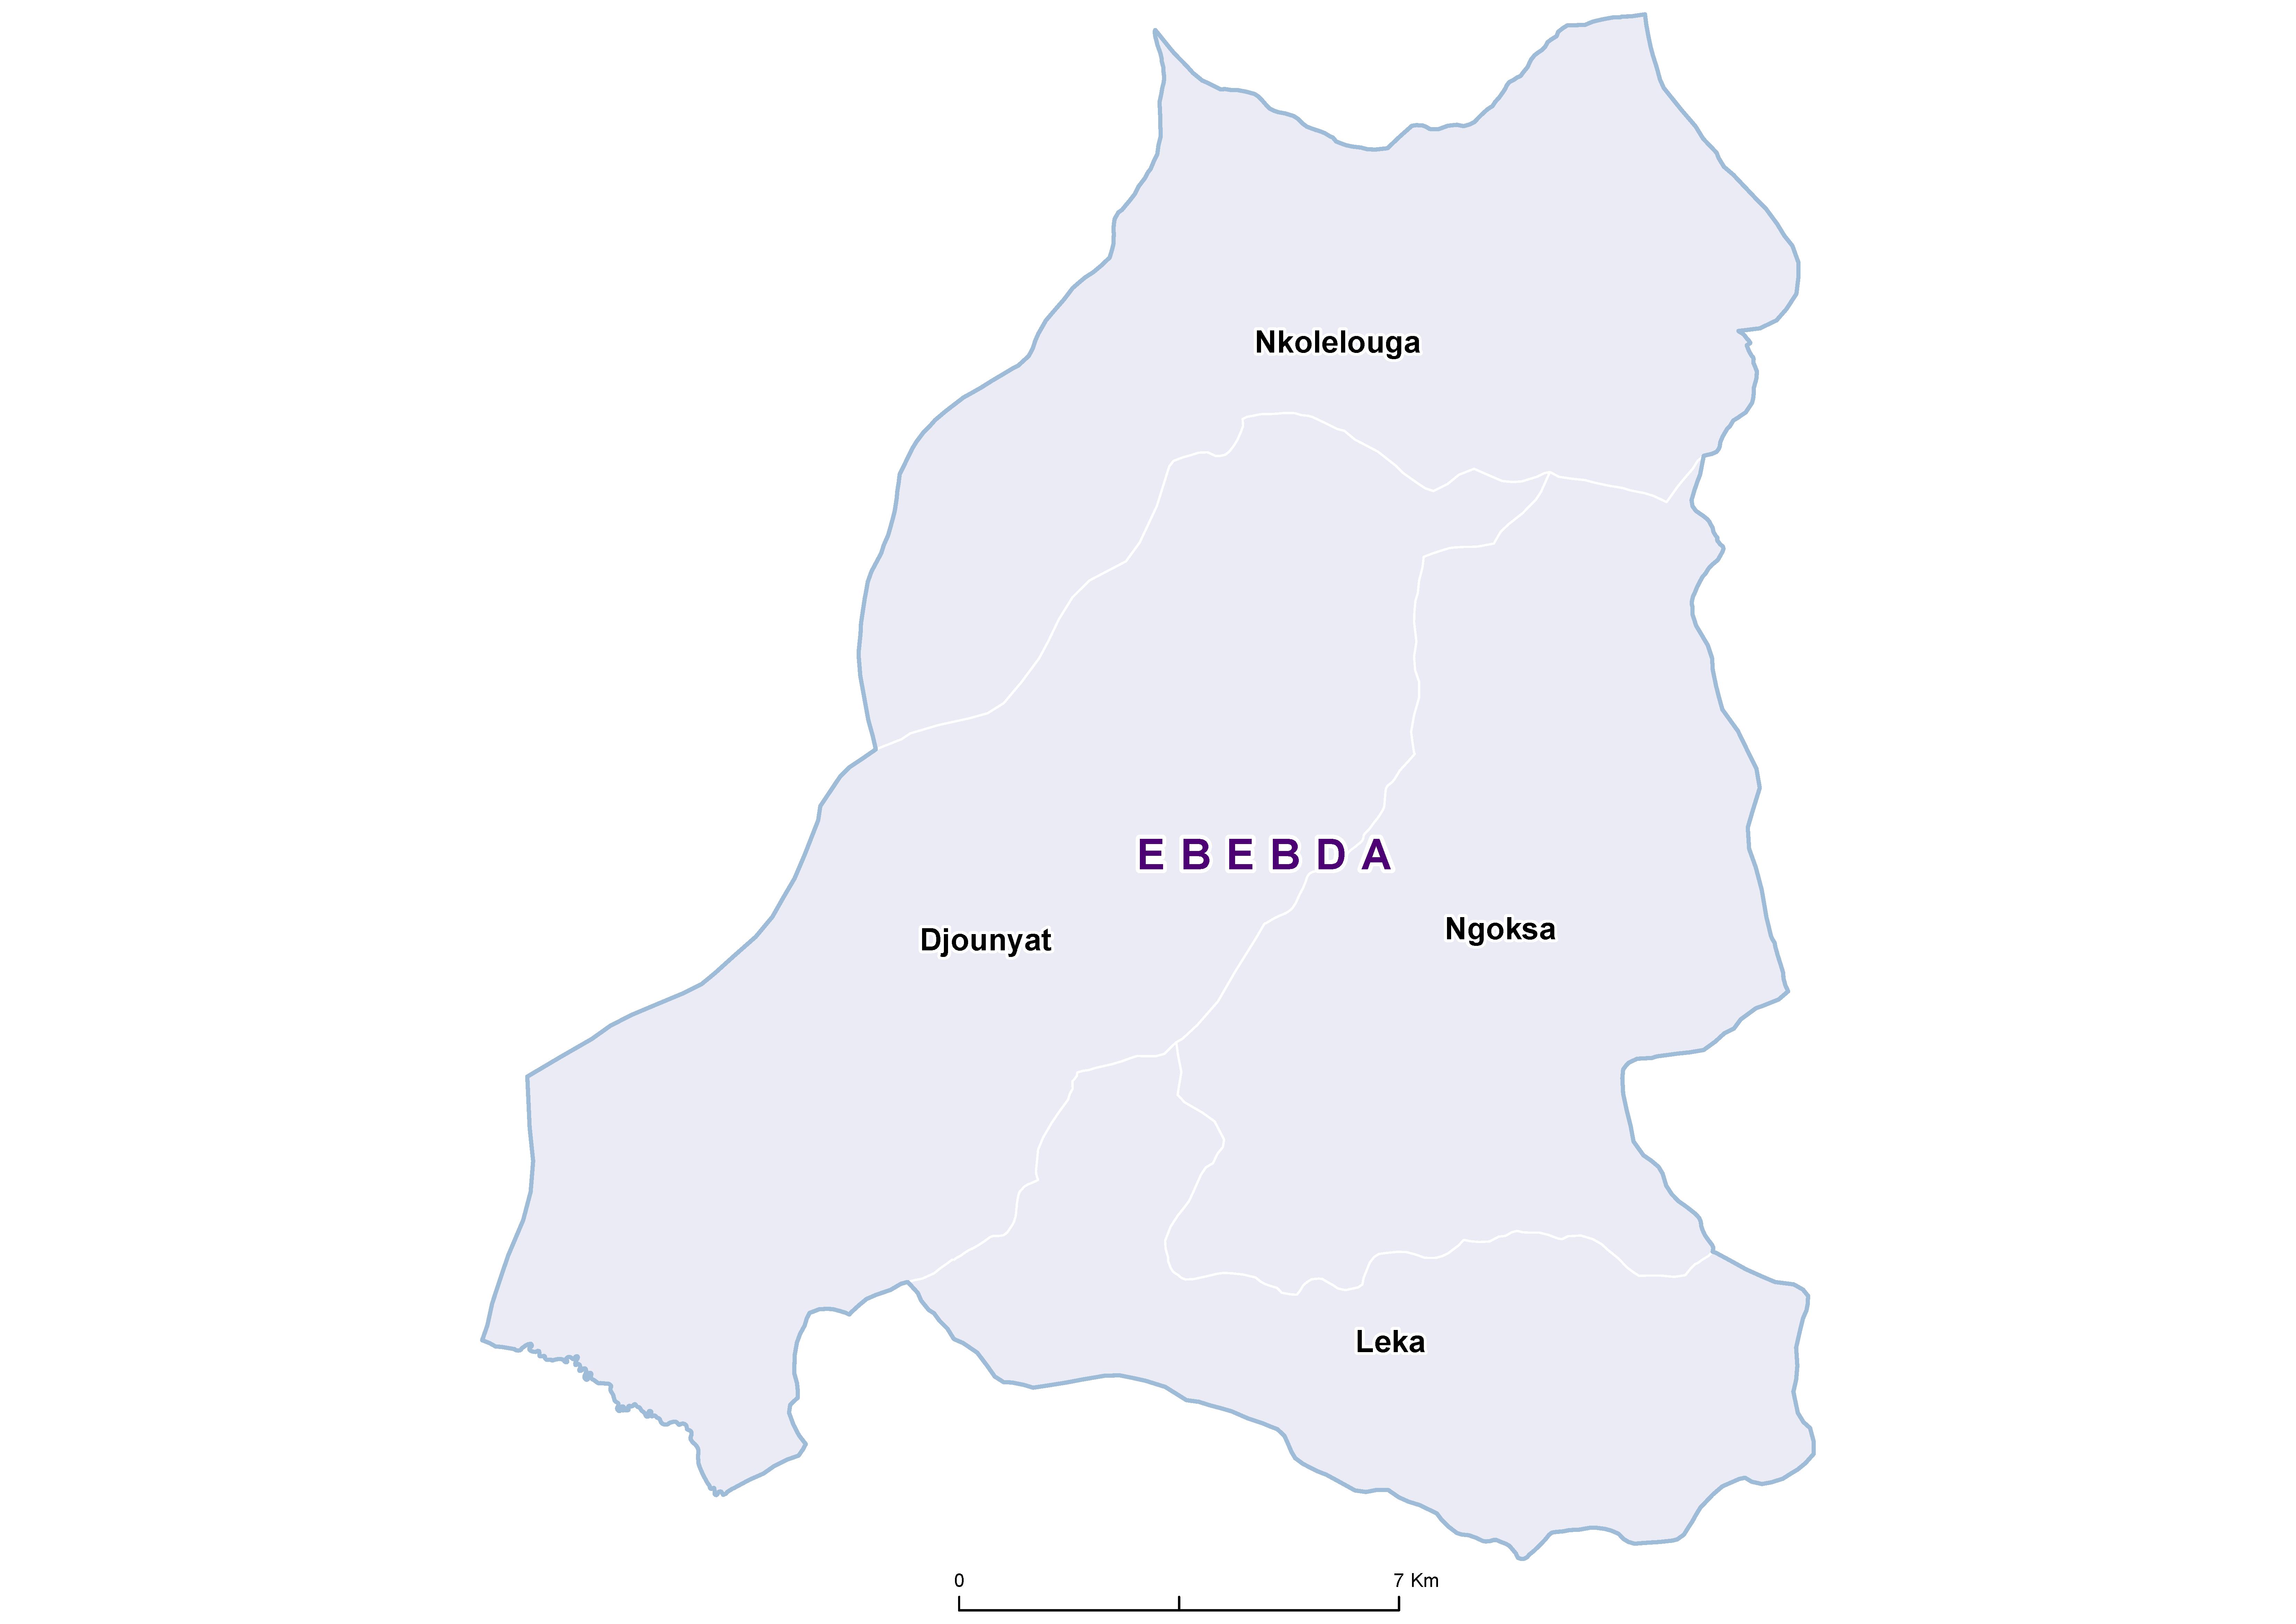 Ebebda SCH 20180001